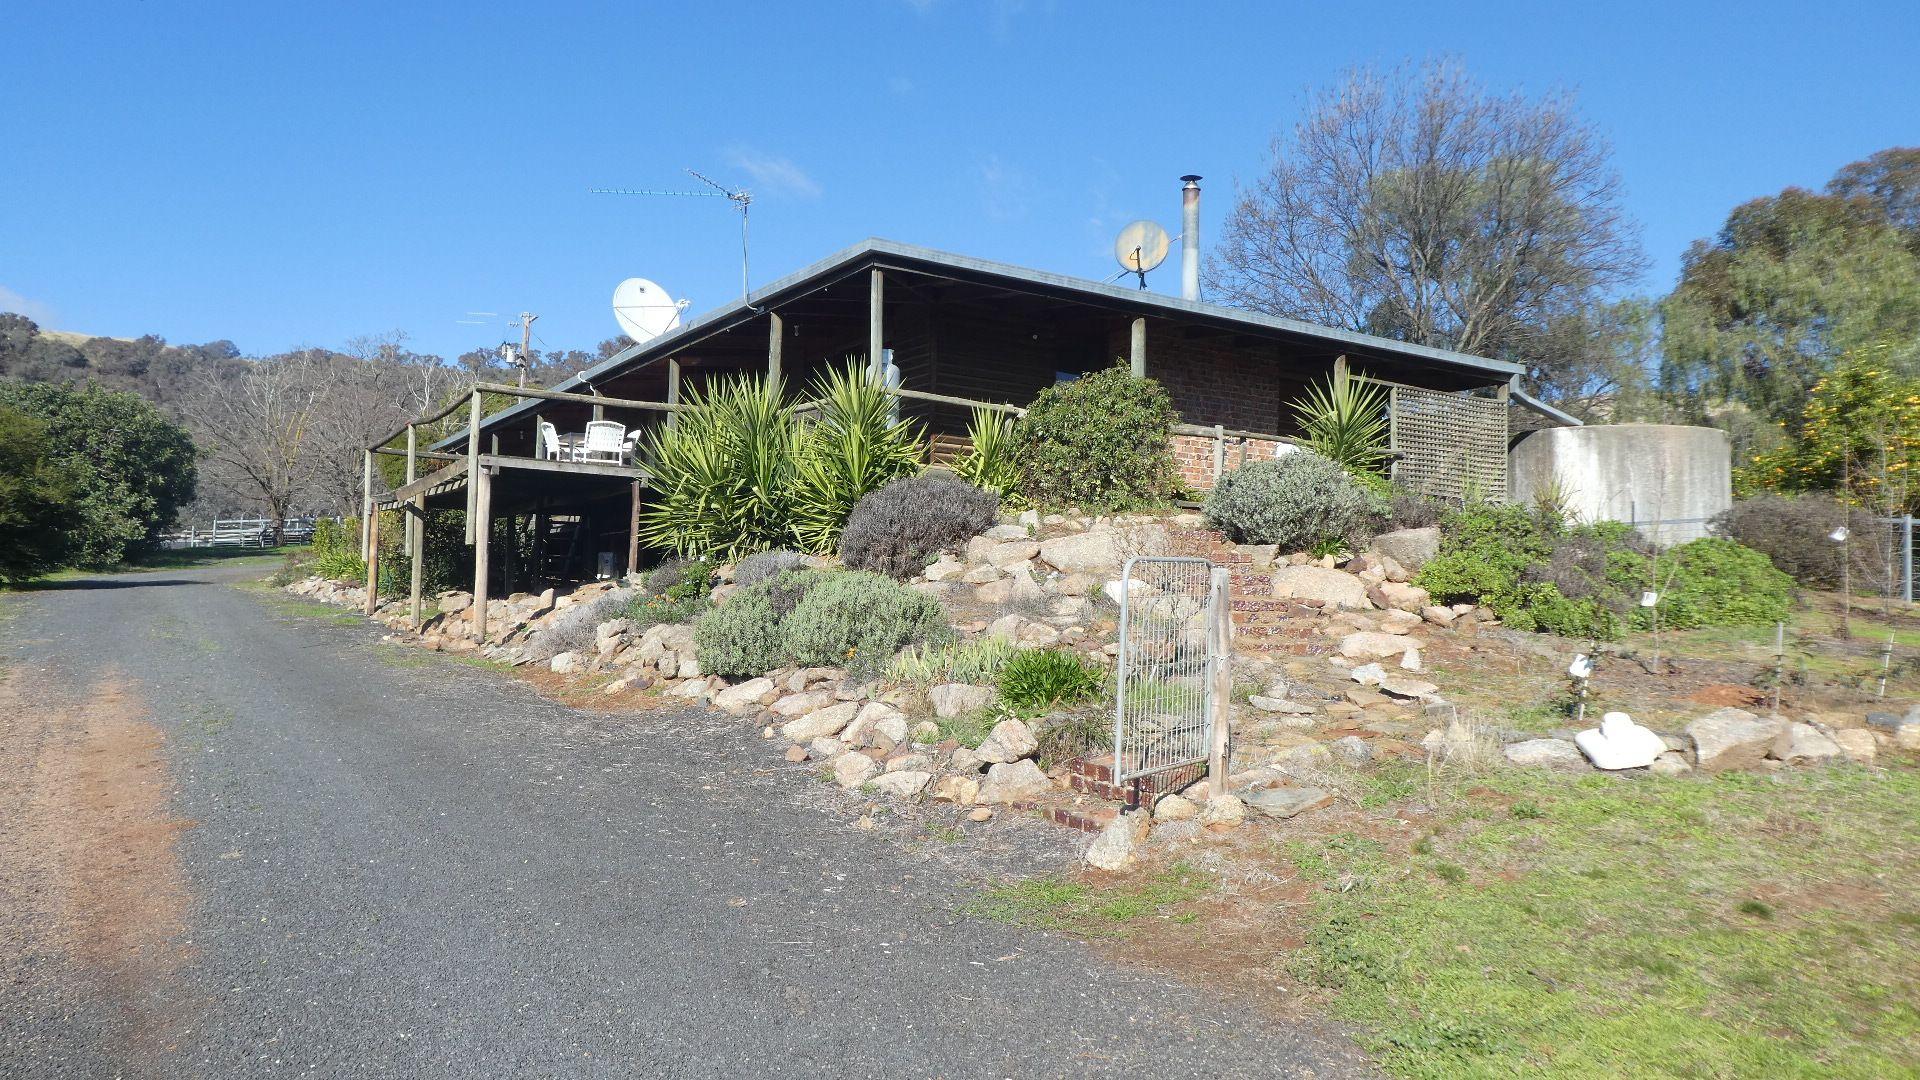 1134 Pulletop Rd, Wagga Wagga NSW 2650, Image 1